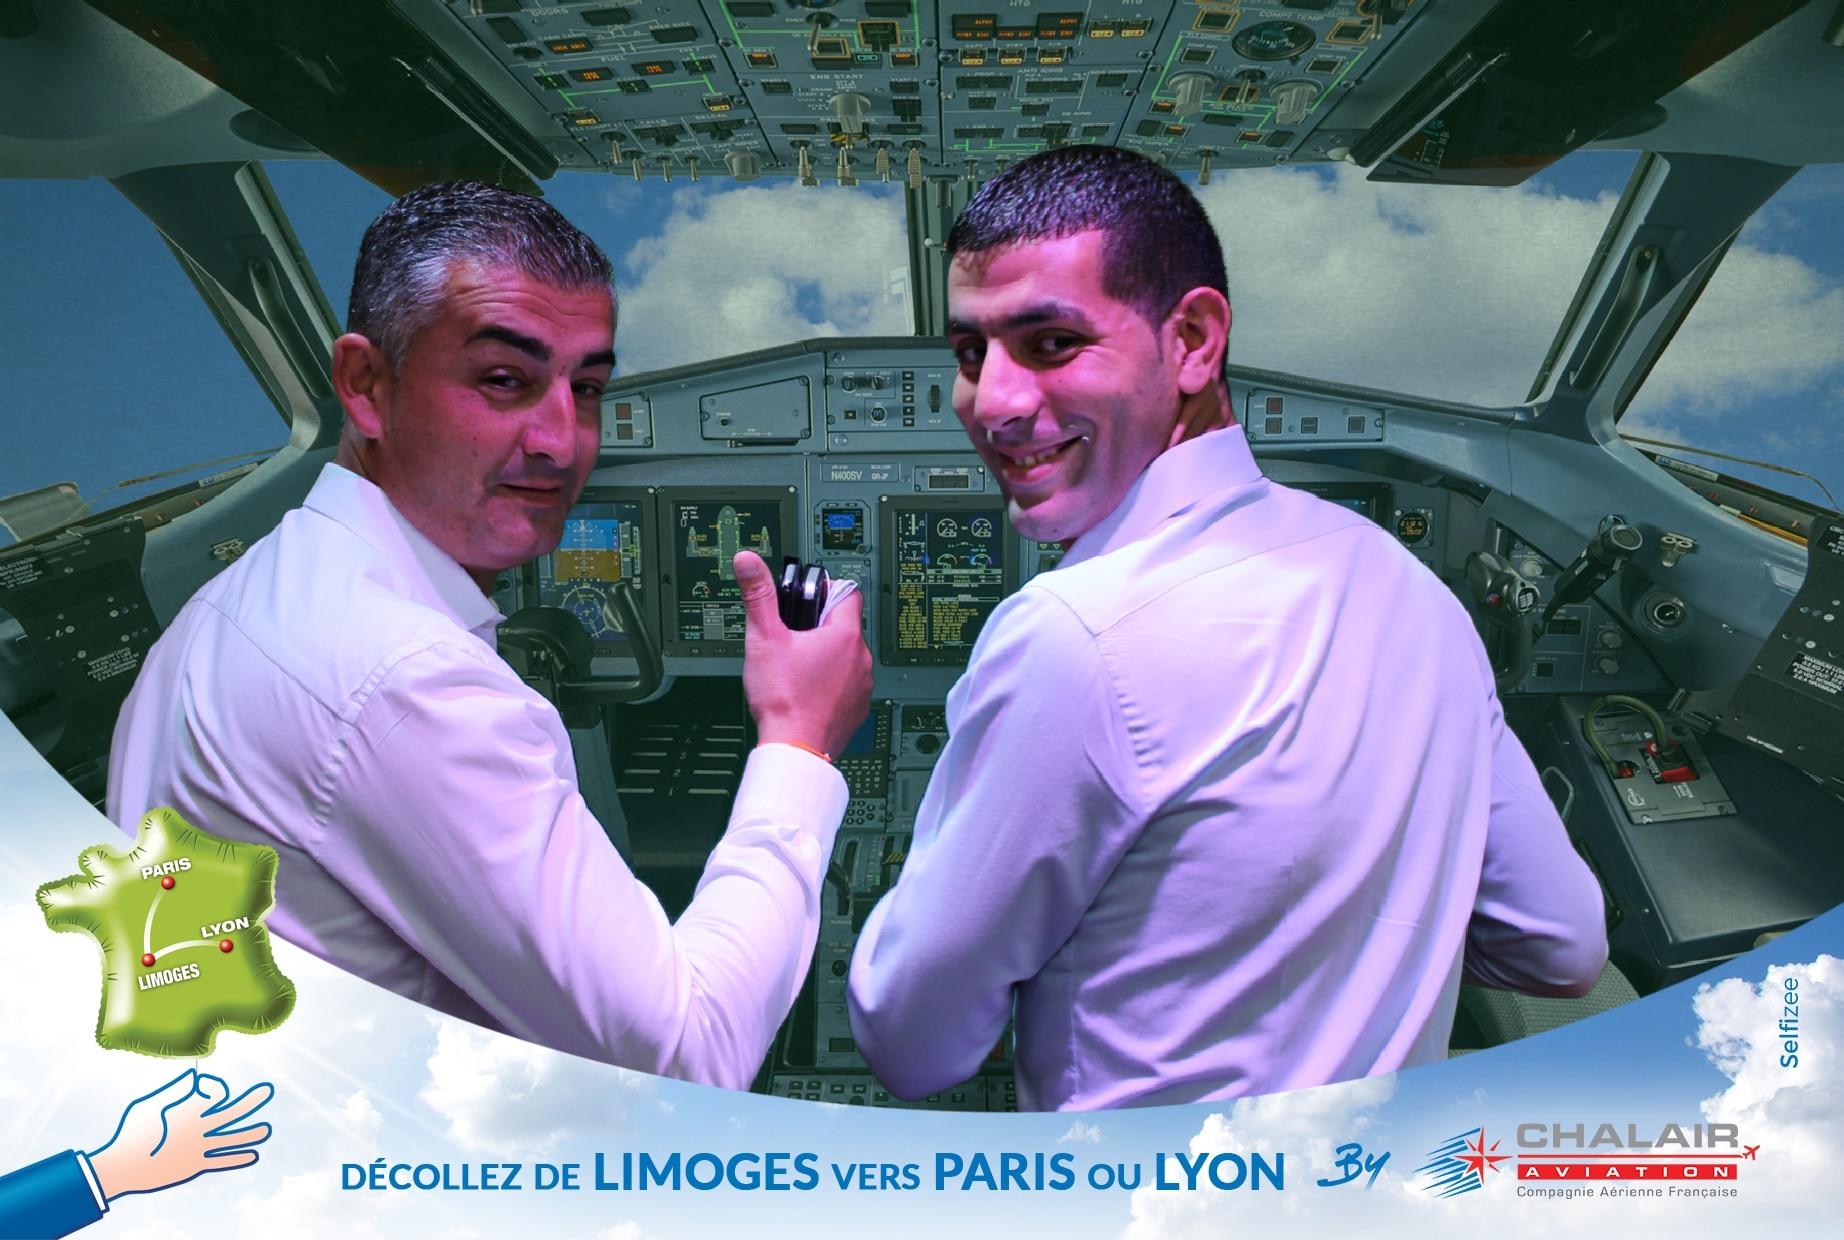 Selfie personnalisé animation borne photo et fond vert à la Foire Limoges 2019 au stand de Chalair Aviation